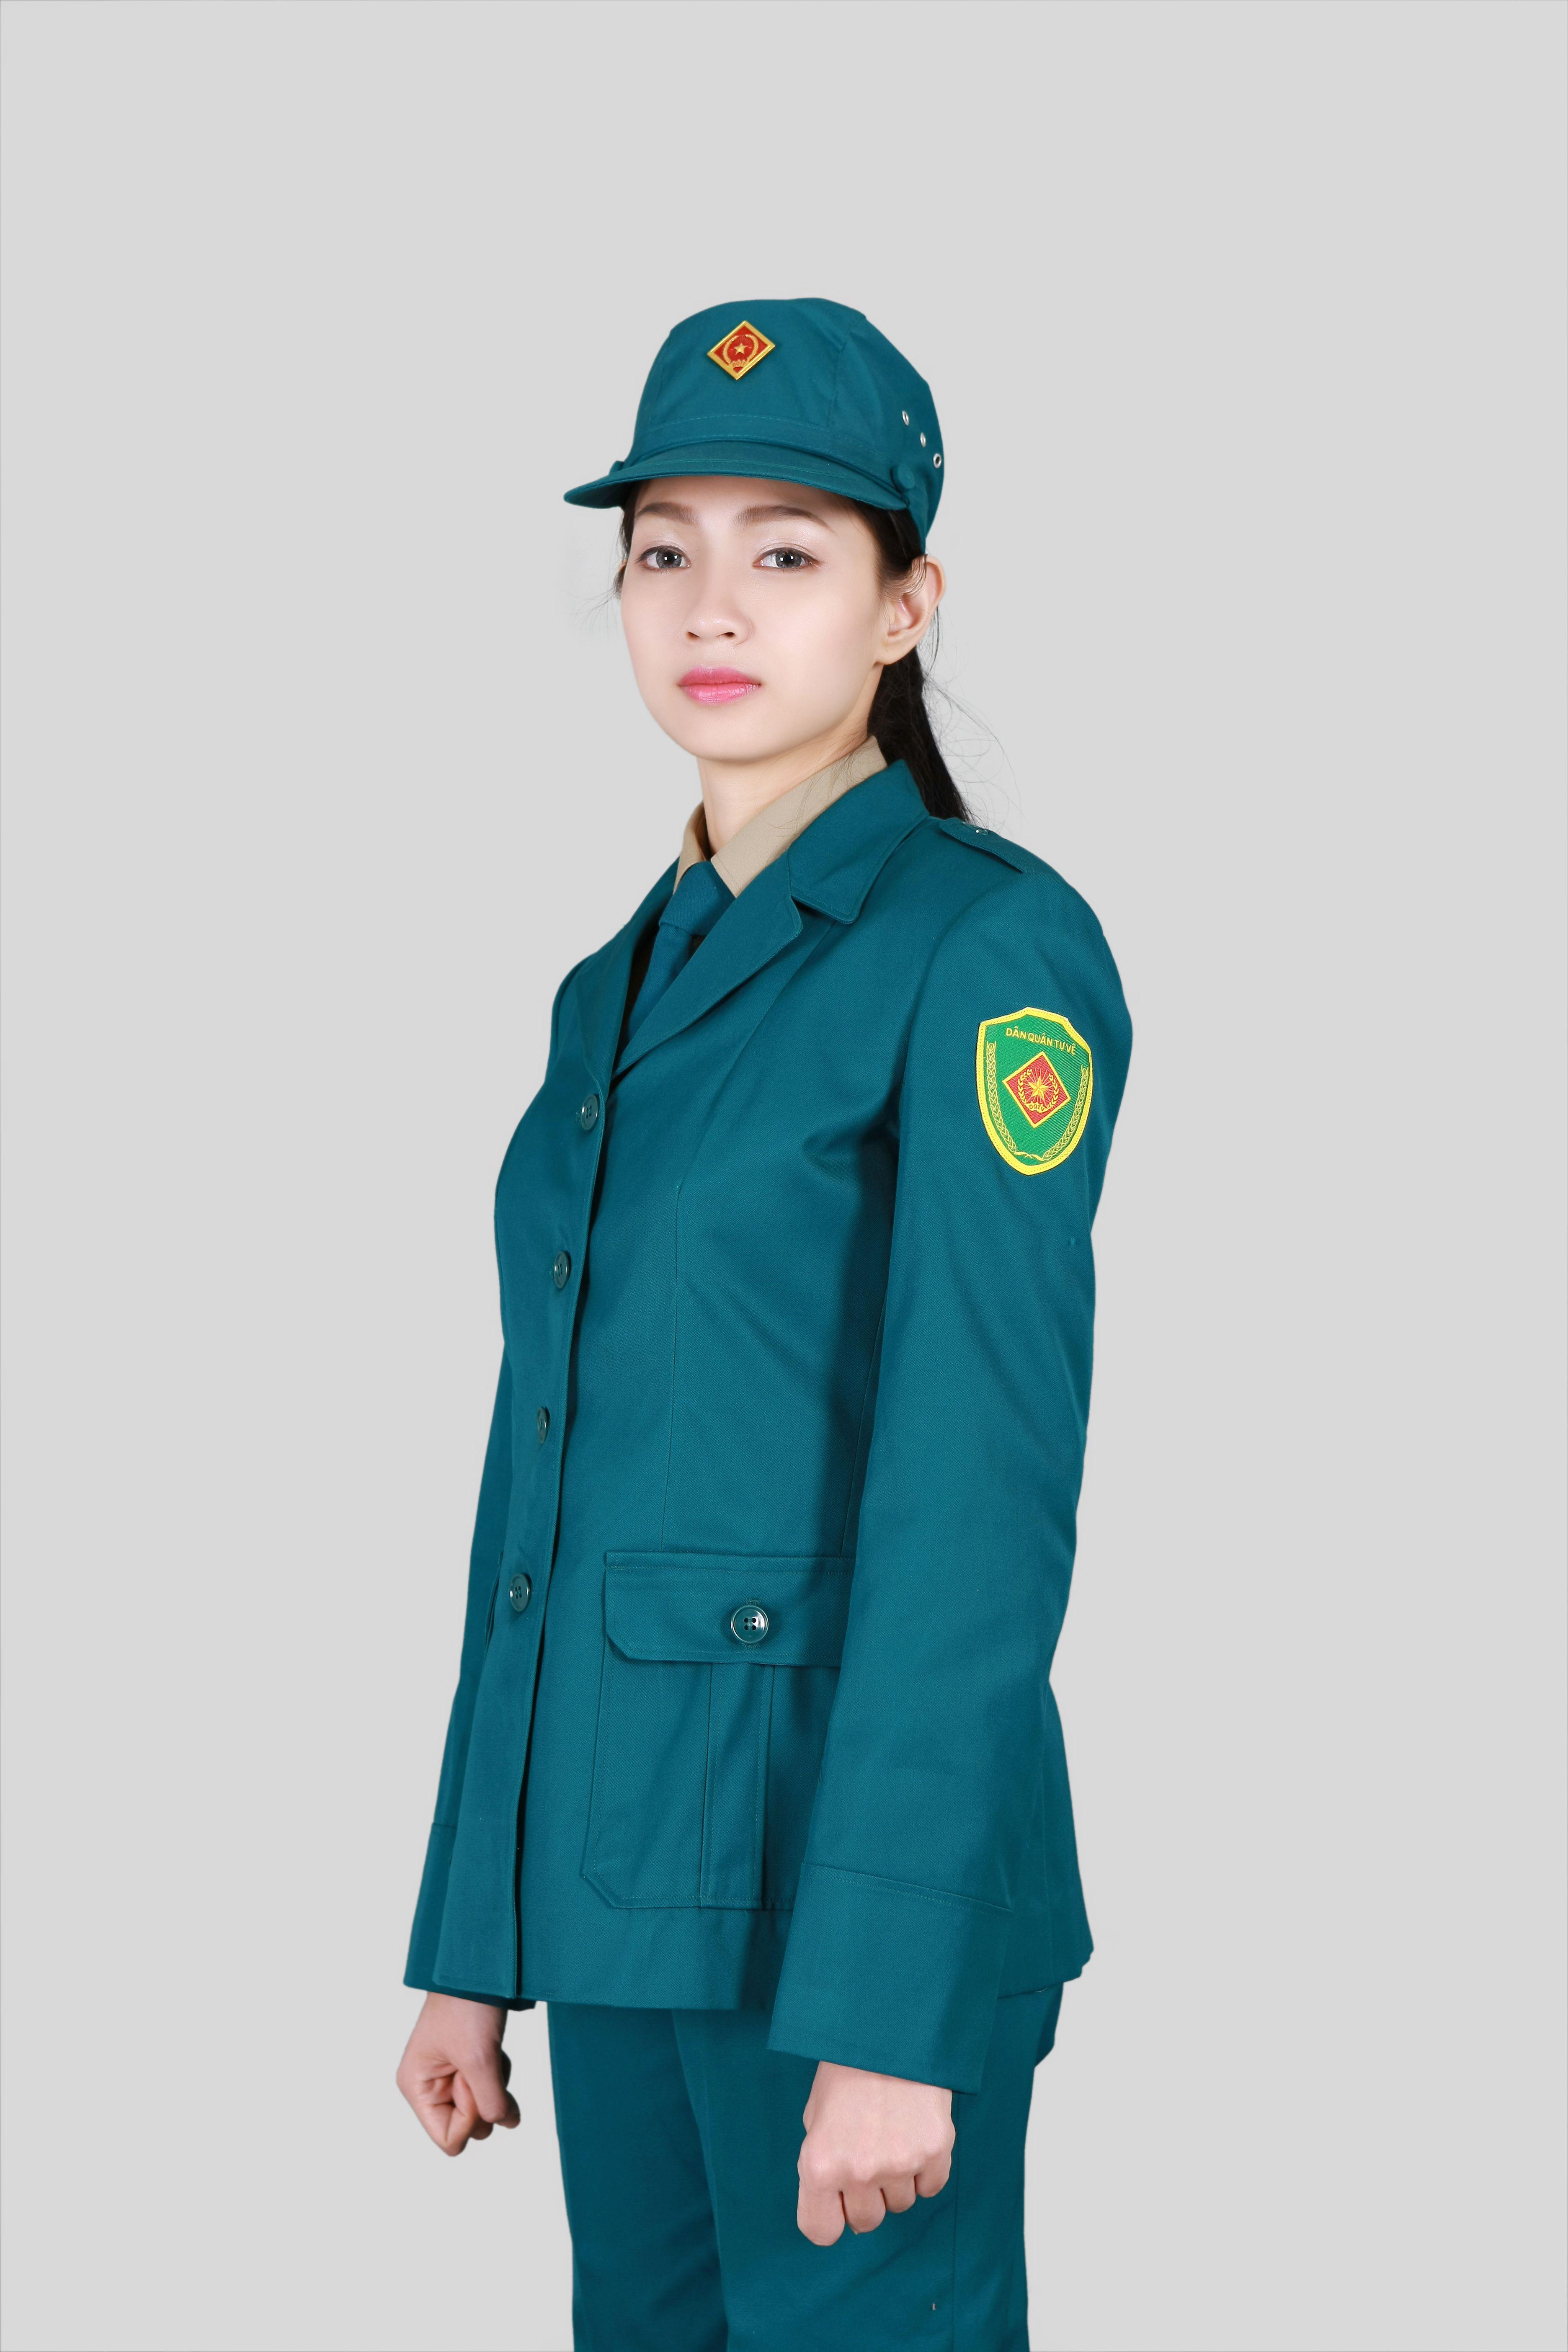 Đồng phục dân quân tự vệ nữ tại Hà Nội - Quần áo bảo hộ Mantis